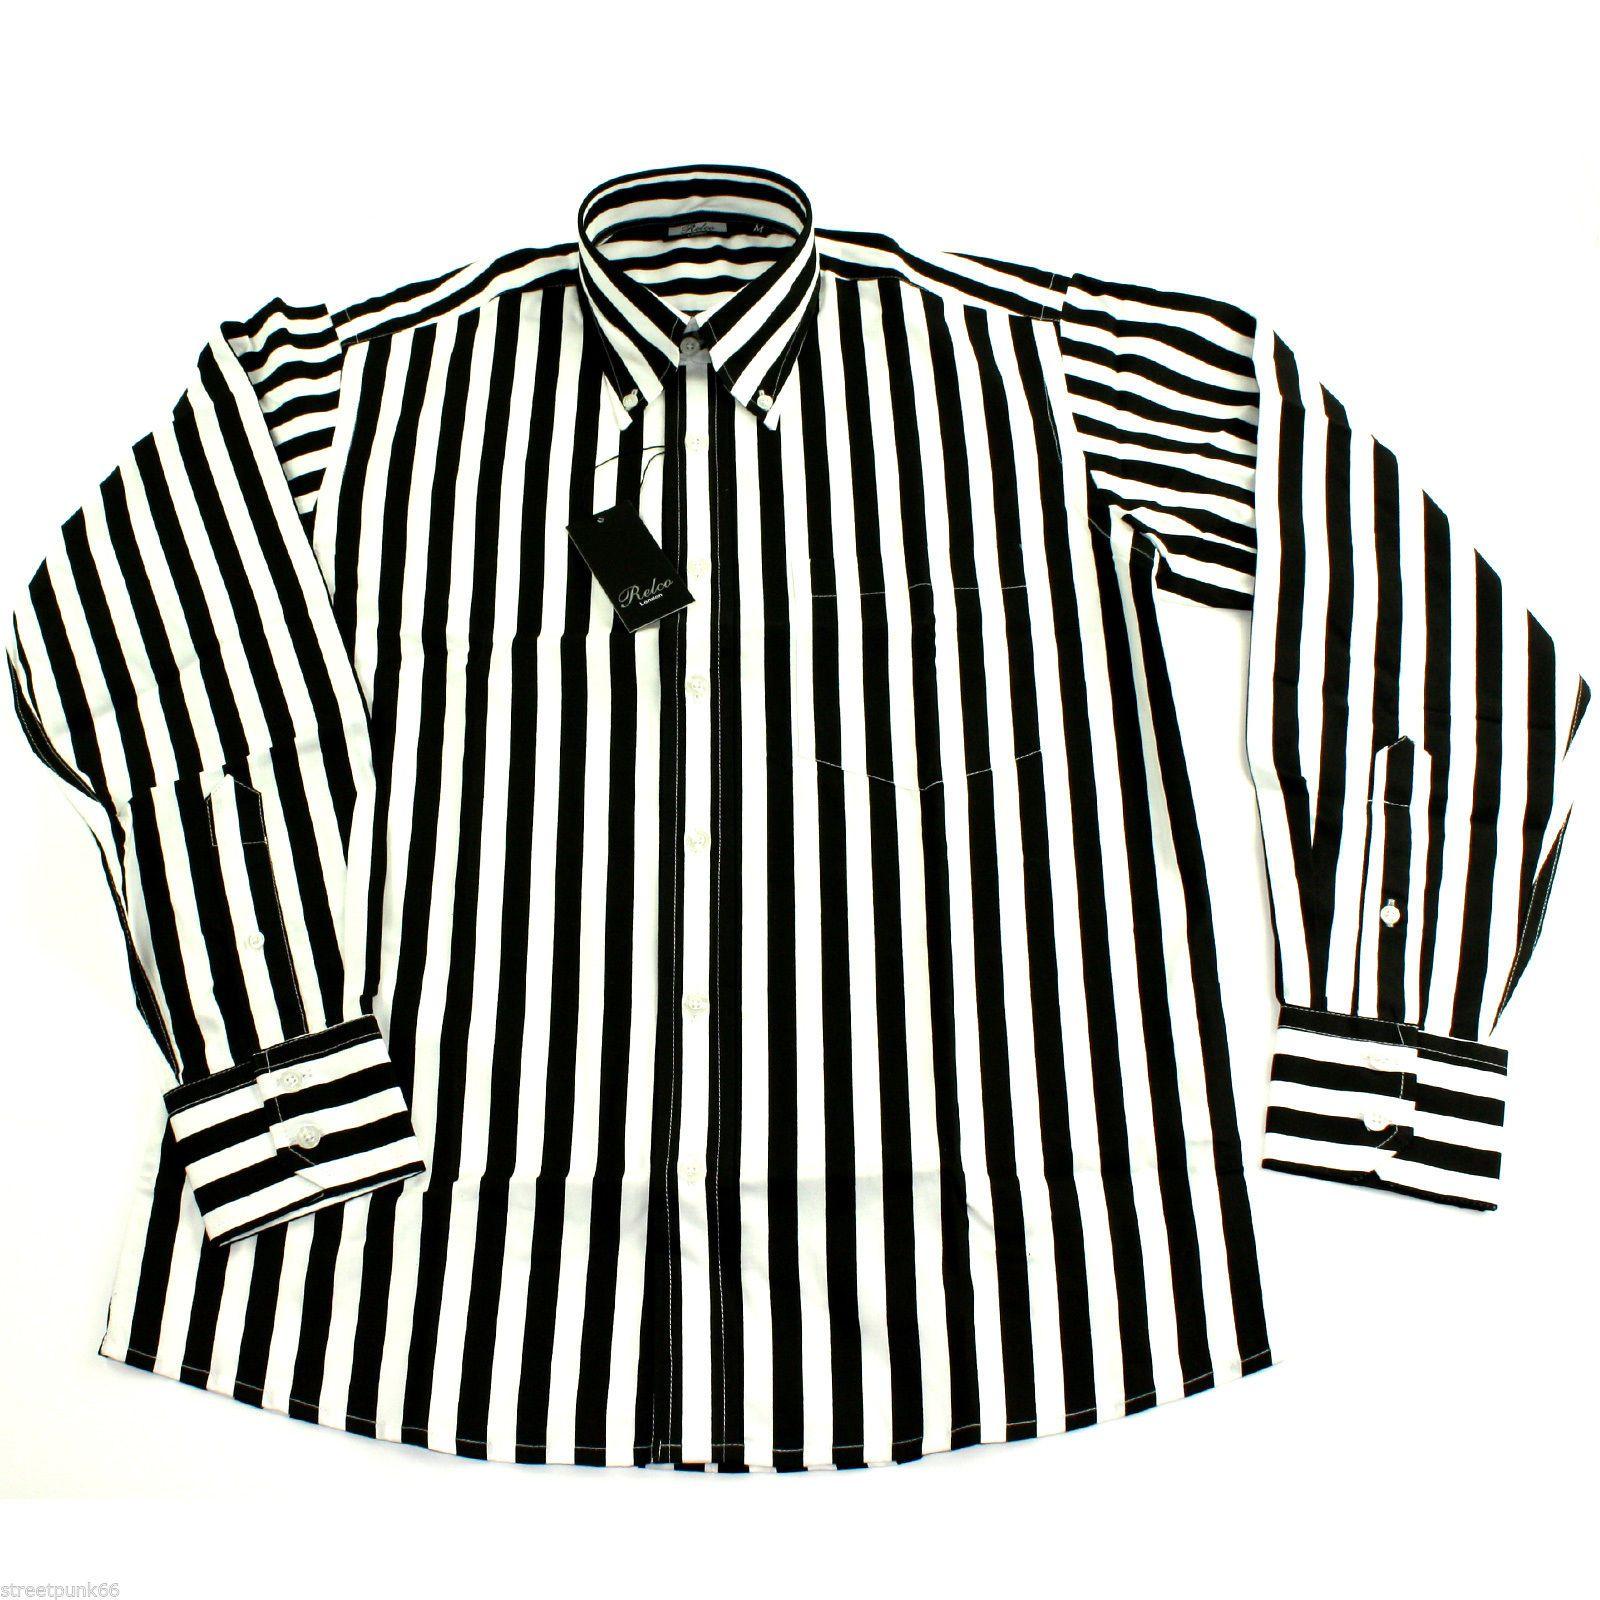 e1712e6fd3e Relco Mens Black White Striped Long Sleeved Shirt Mod Skin Retro Indie 60s